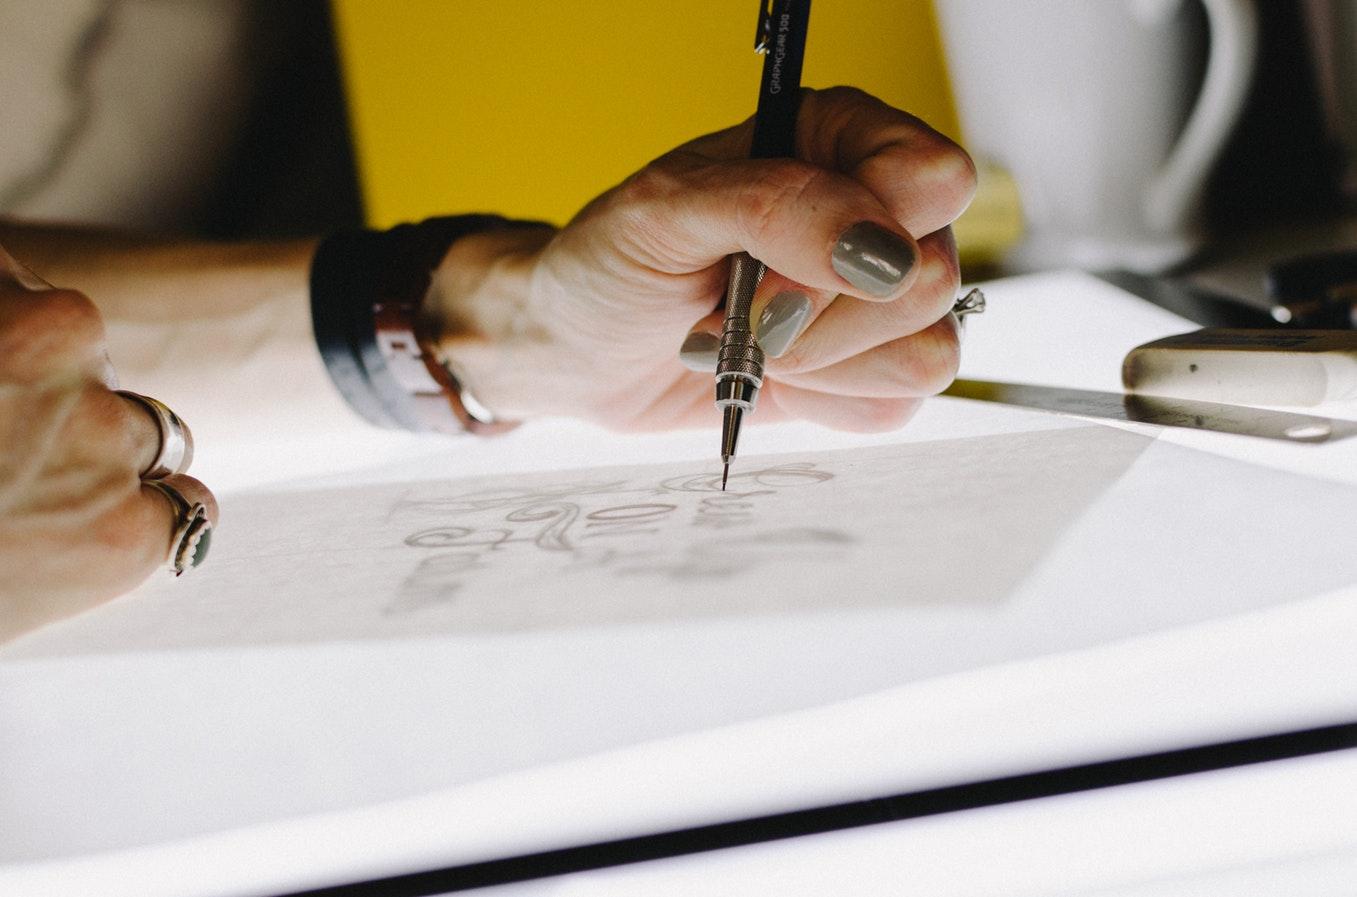 مطلوب مصممة جرافيك Junior Graphic Designer لشركة في اسطنبول